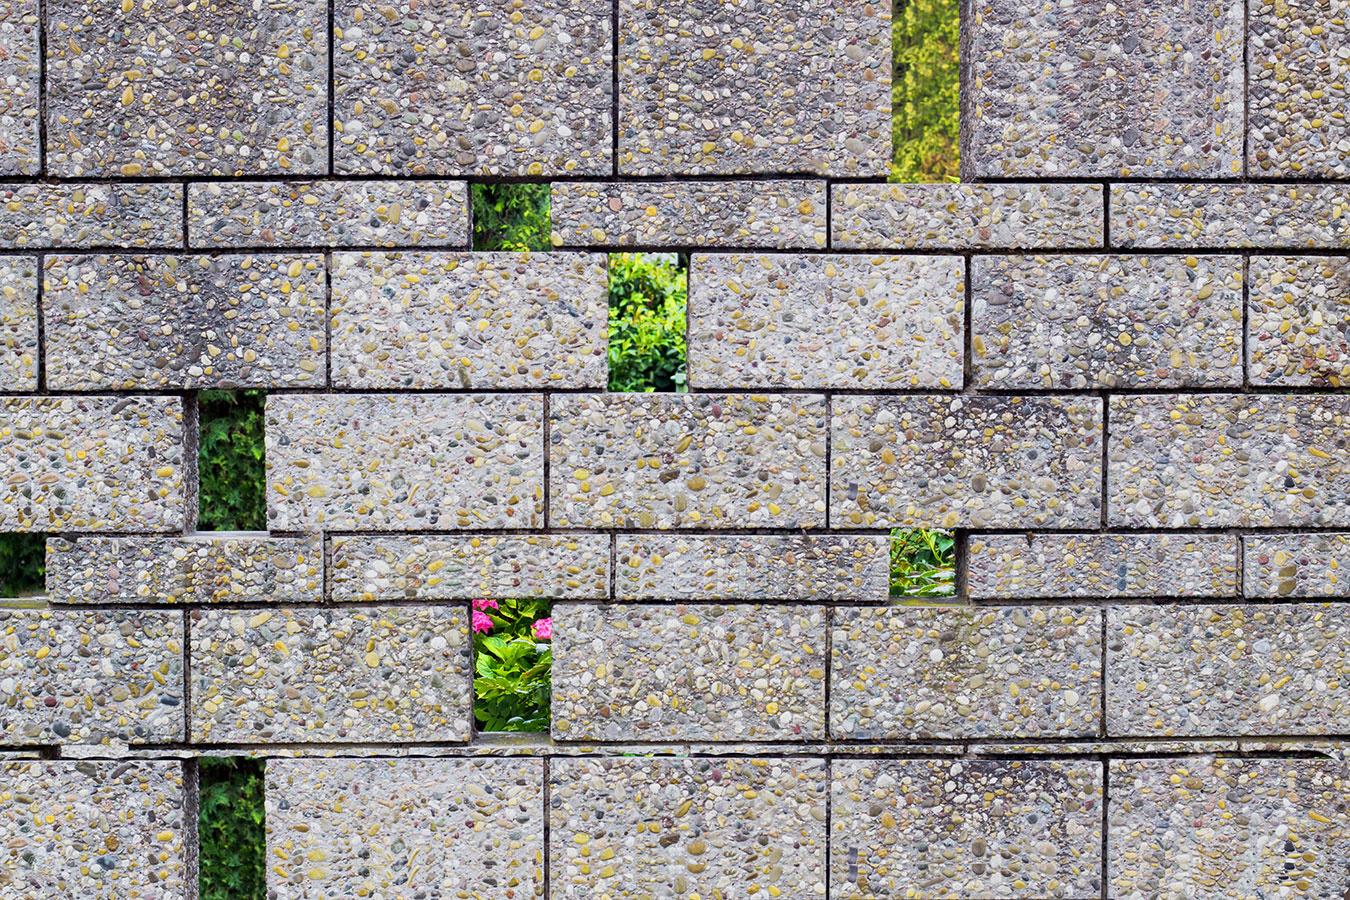 Trendové betónové múry predstavujú pomerne rýchlu a finančne prijateľnú možnosť, ako ohraničiť väčšiu záhradu. Vyššie betónové bloky však môžu pôsobiť rušivo. Aby vyzerali zaujímavejšie, môžete v nich vytvoriť malé priehľady.